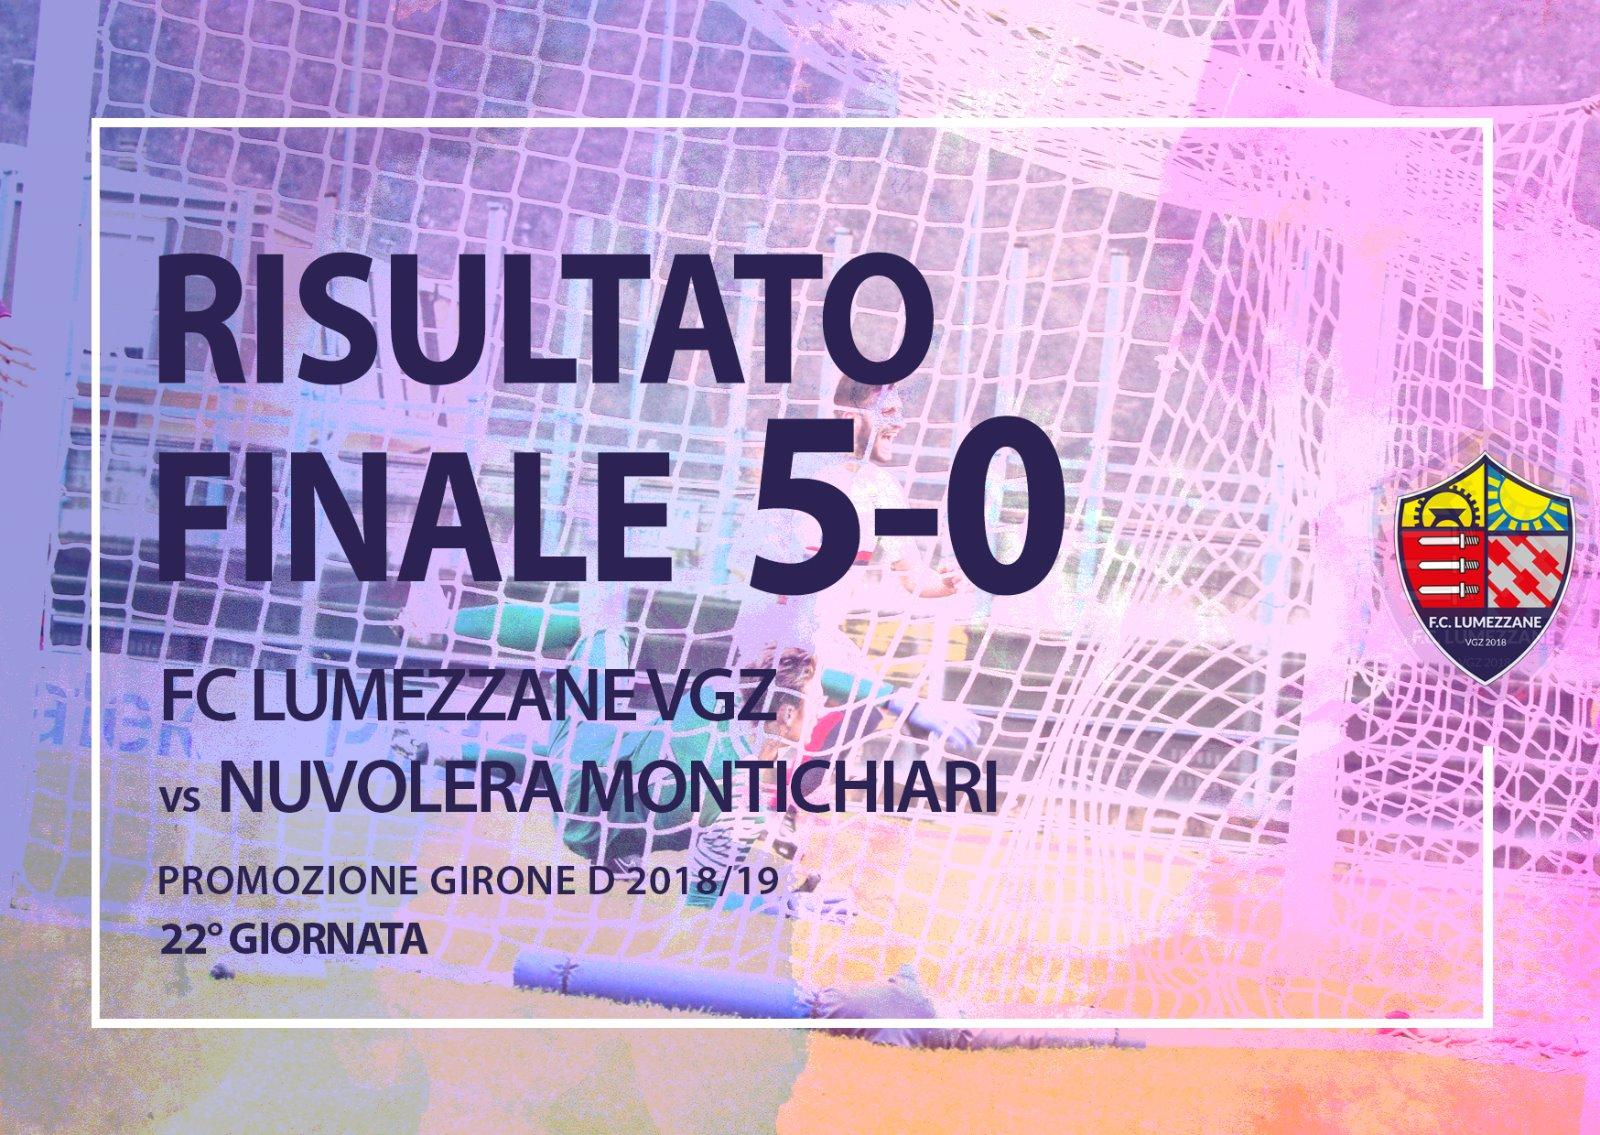 Fc Lumezzane Vgz VS Nuvolera Montichiari, L'Intervista